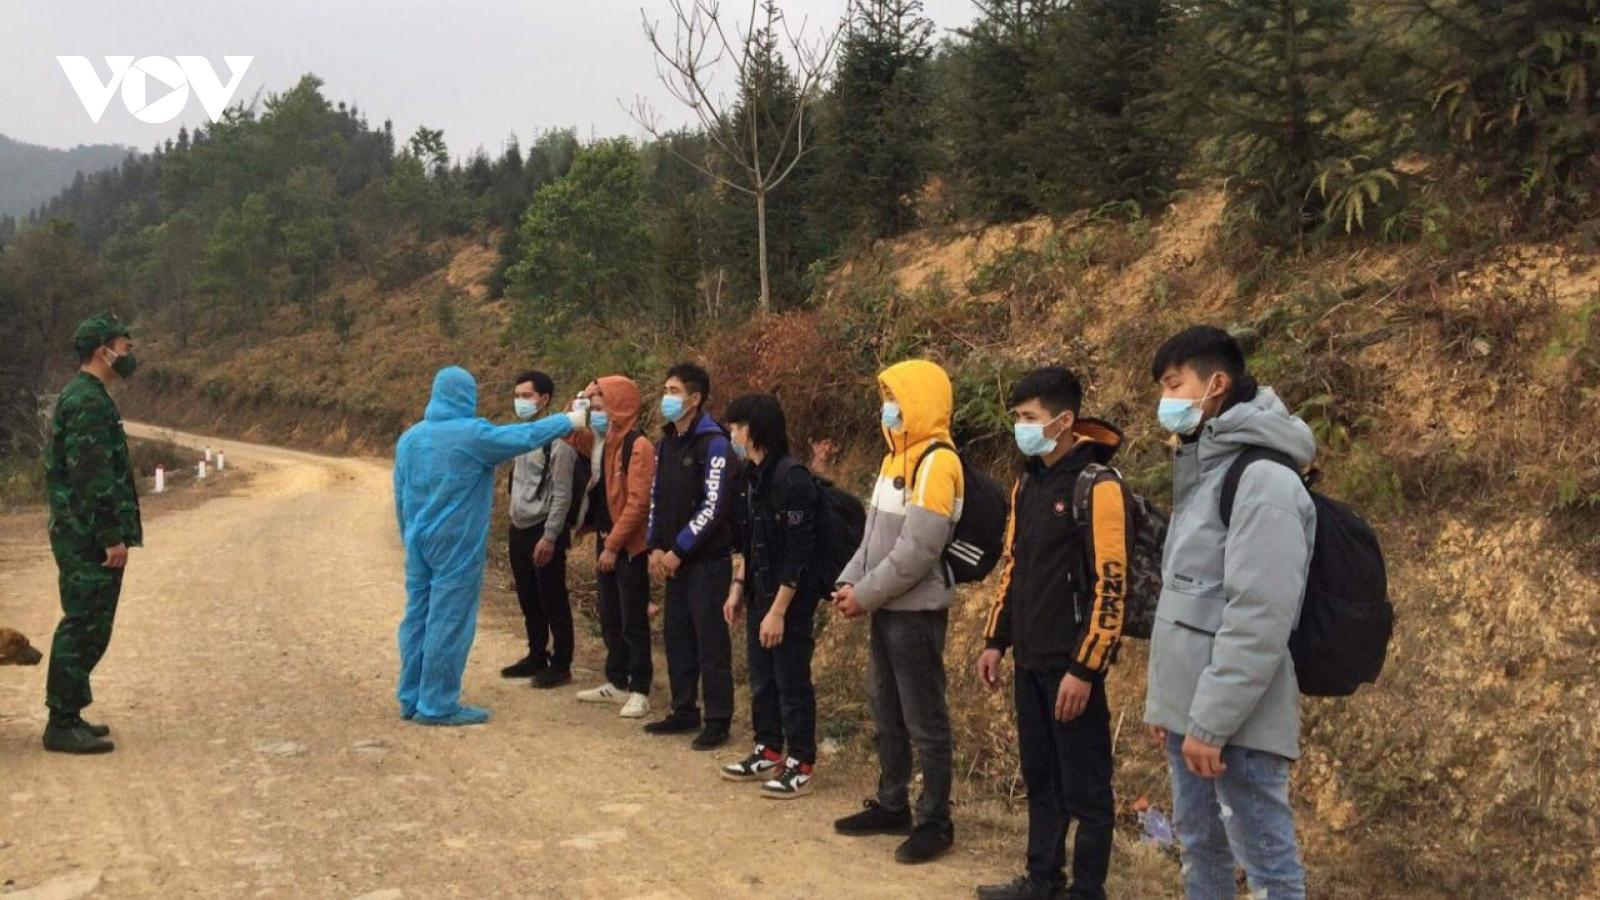 Bắt 7 ngườinhập cảnh trái phép từ Trung Quốc